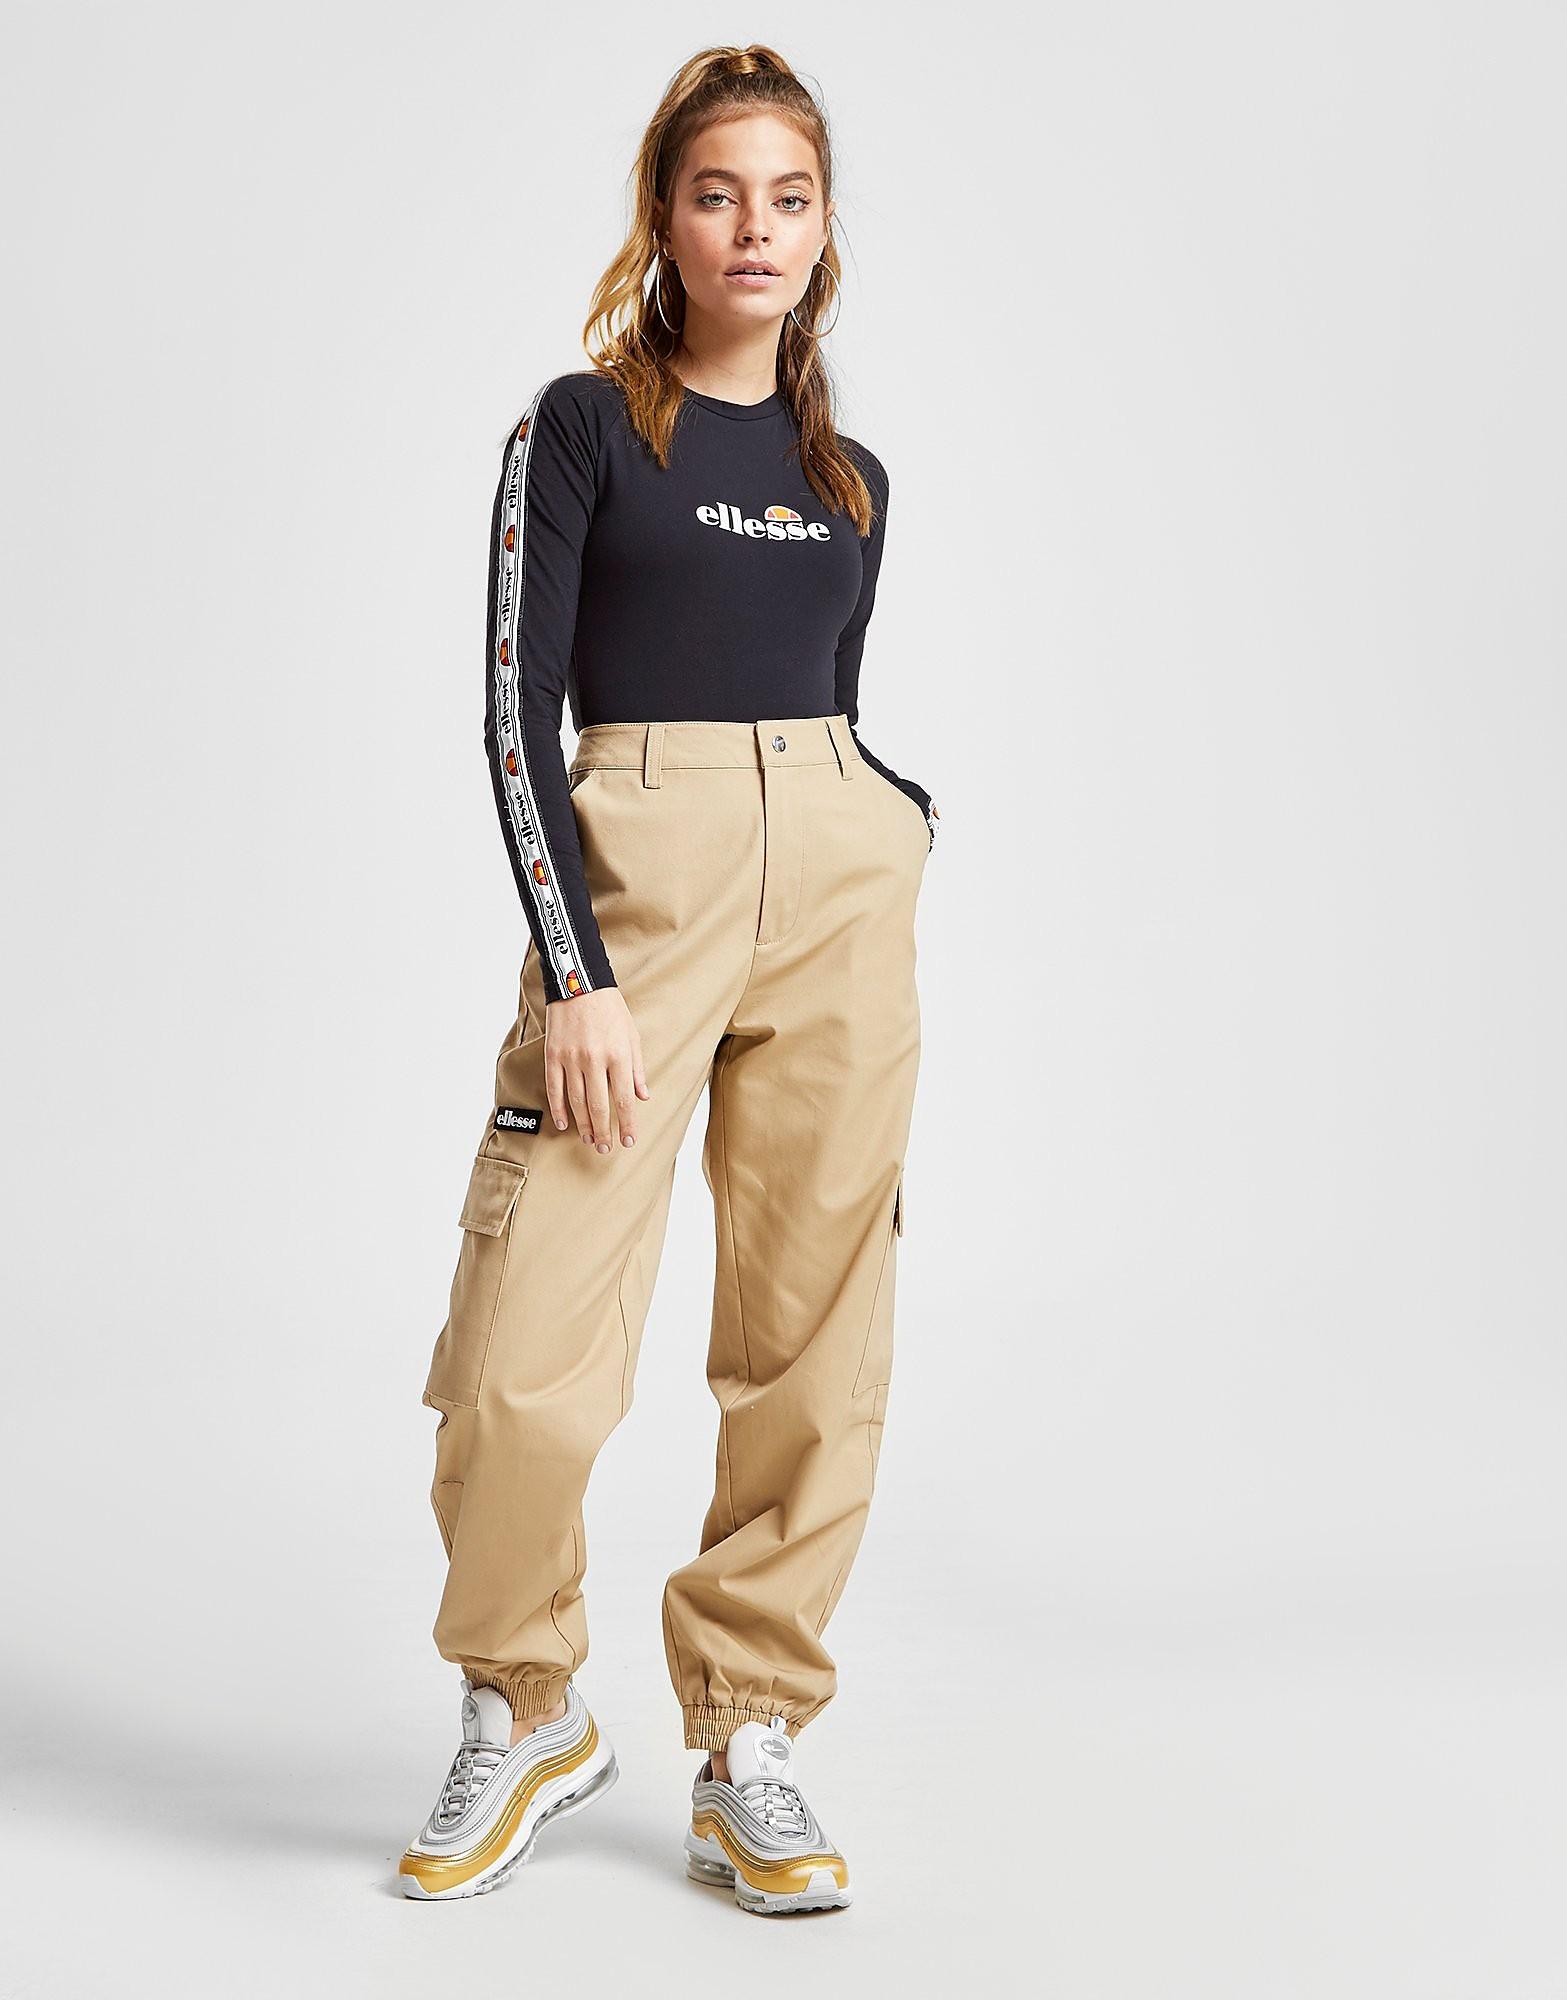 Ellesse Cargo Pants - alleen bij JD - Bruin - Dames